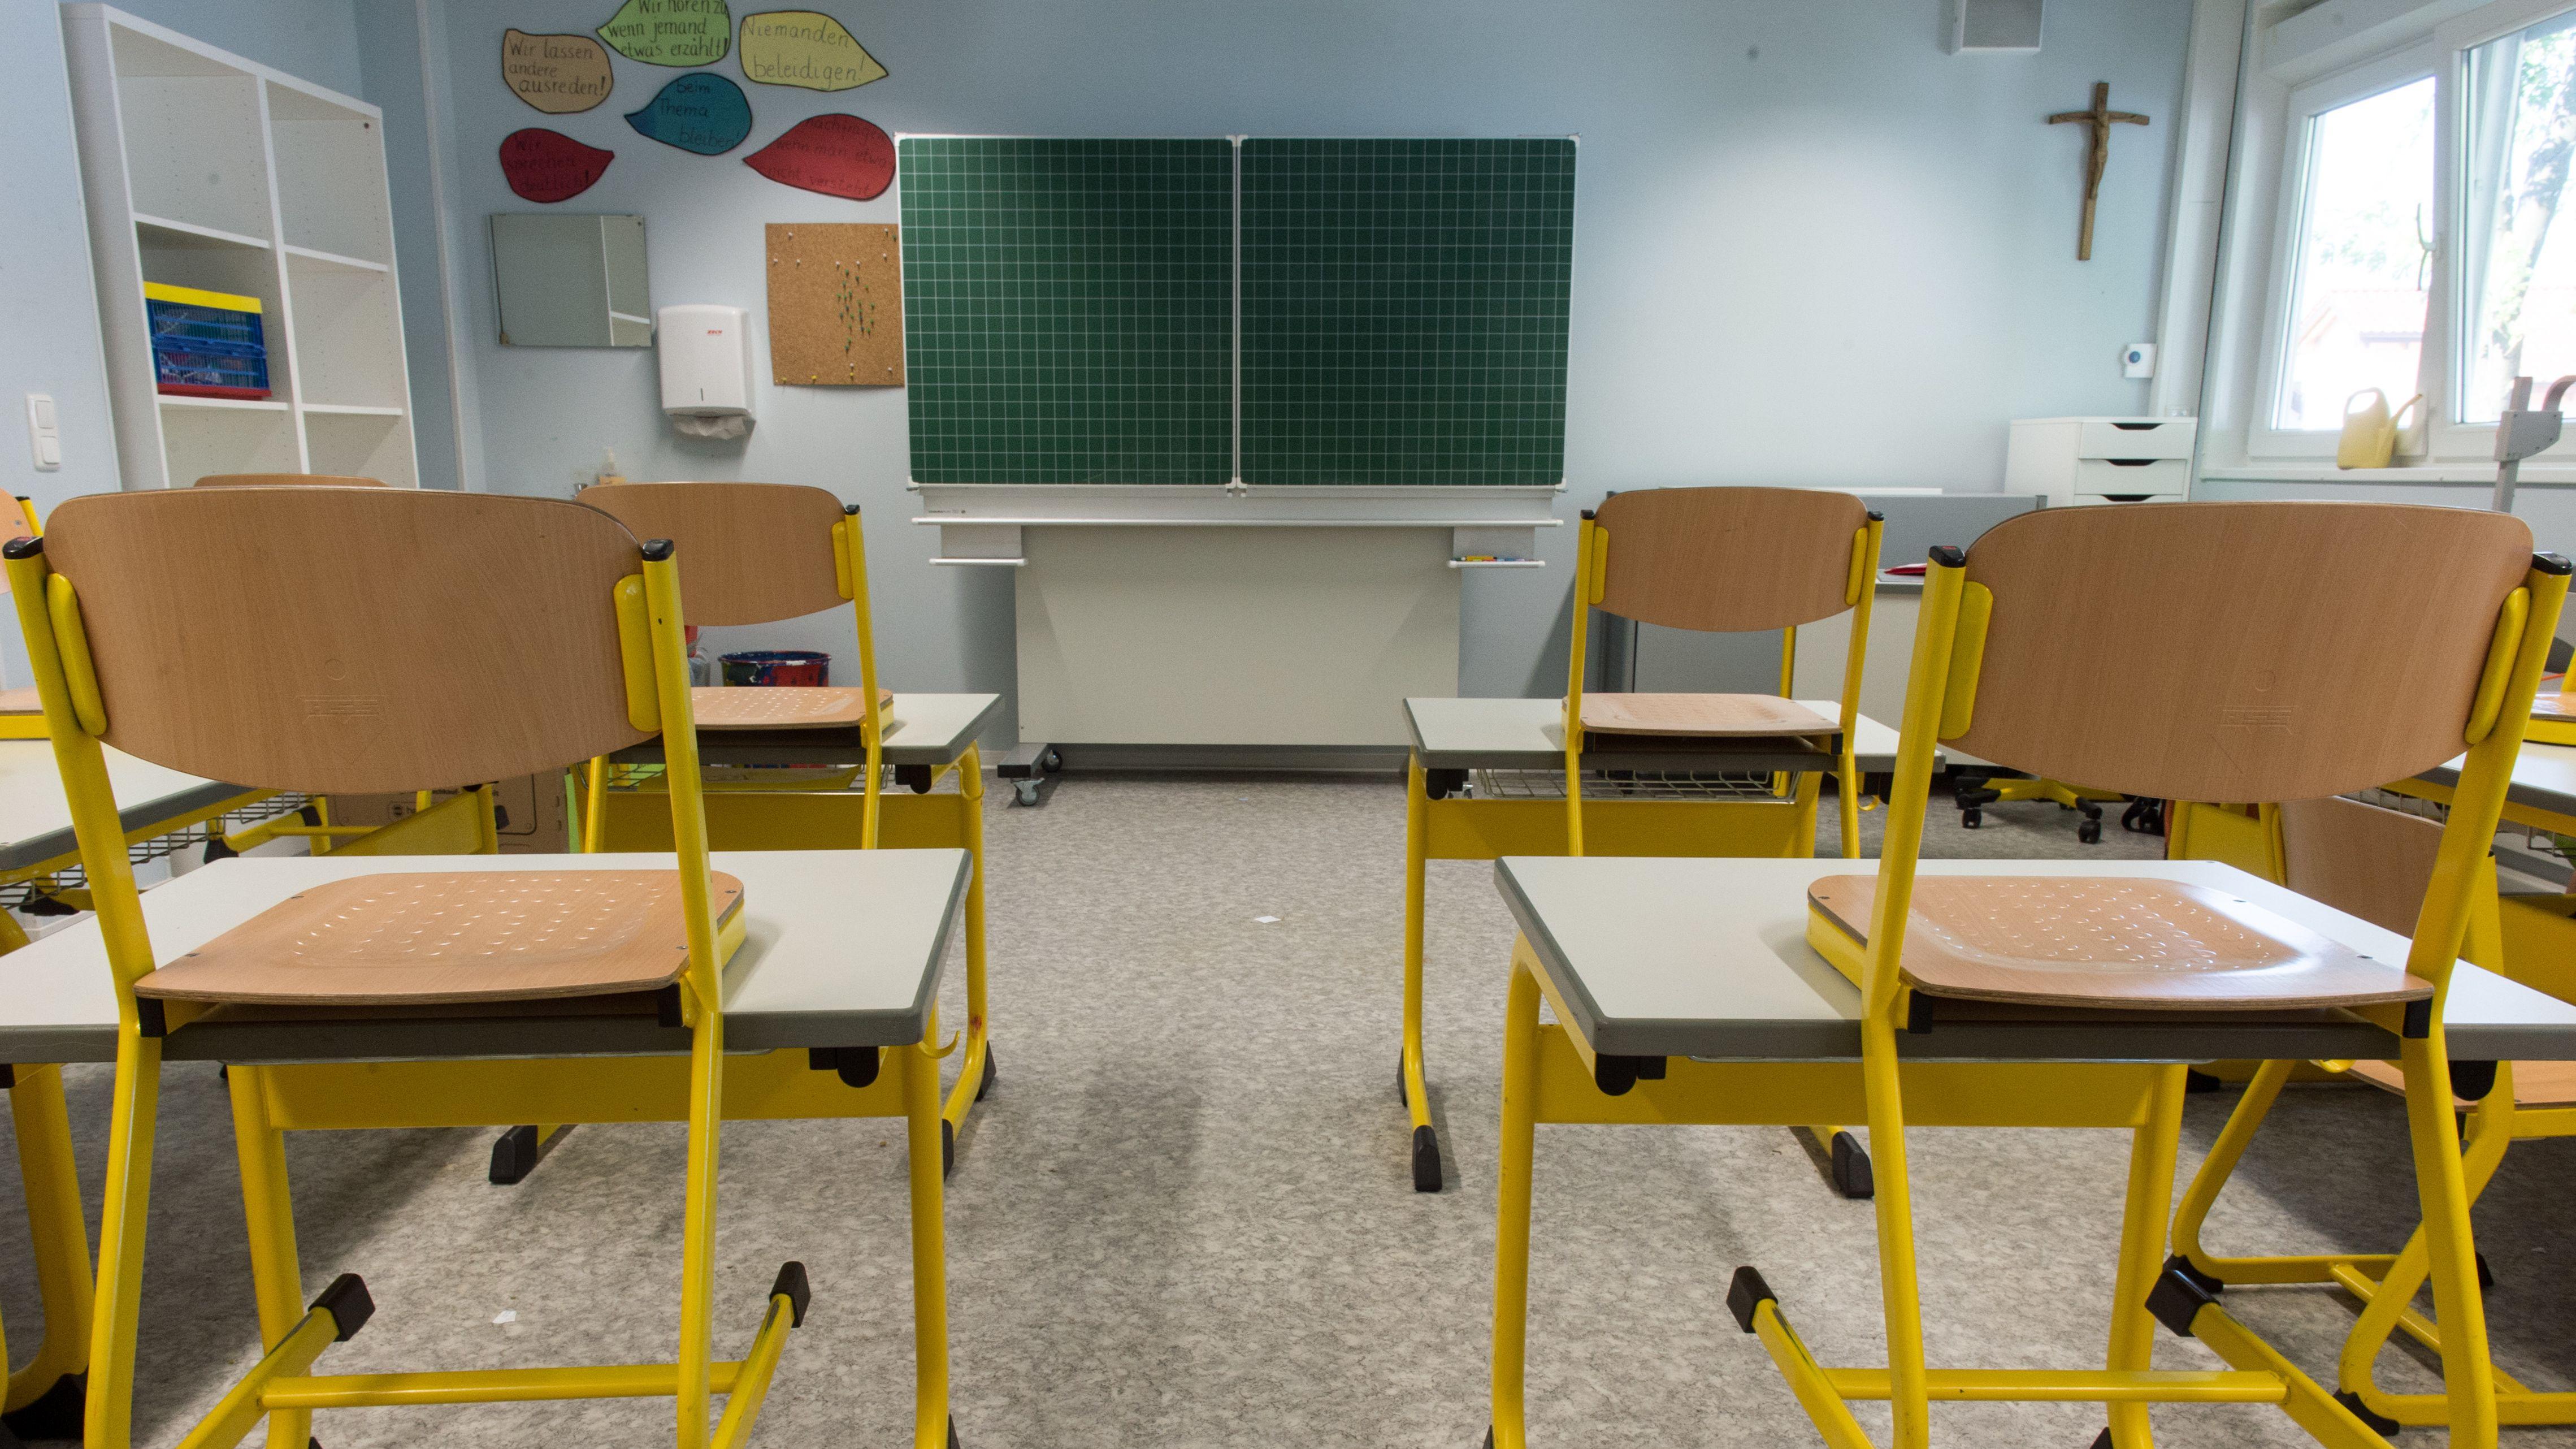 Leere Stühle in einem Klassenzimmer einer Grundschule.